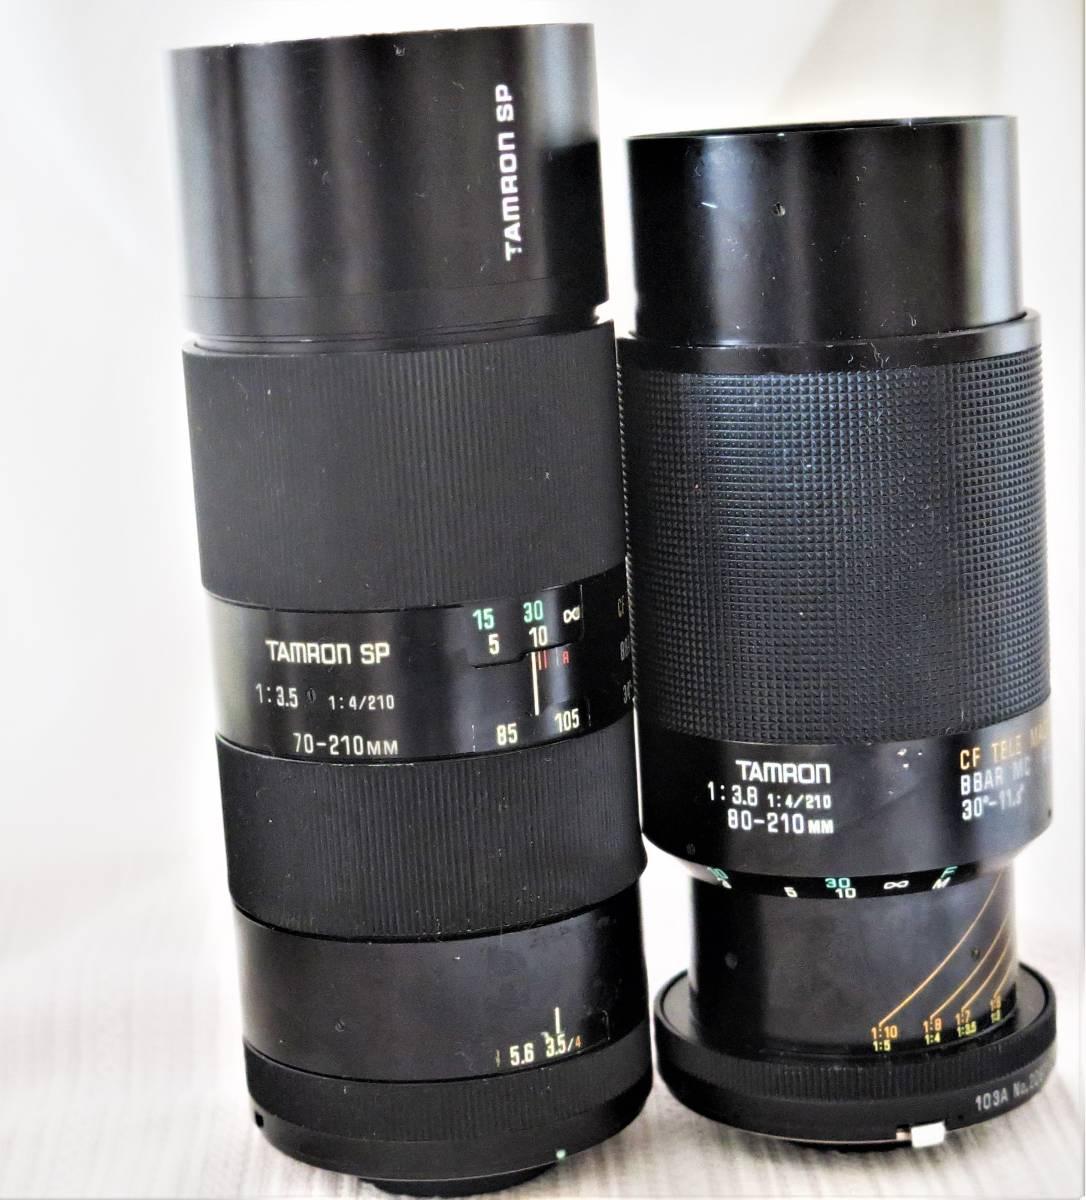 タムロン 103A Tamron 80-210mm f/3.8-4 + 52A 70-210mm f/3.5-4 CF Tele Macro レンズ カビあり ジャンク扱い